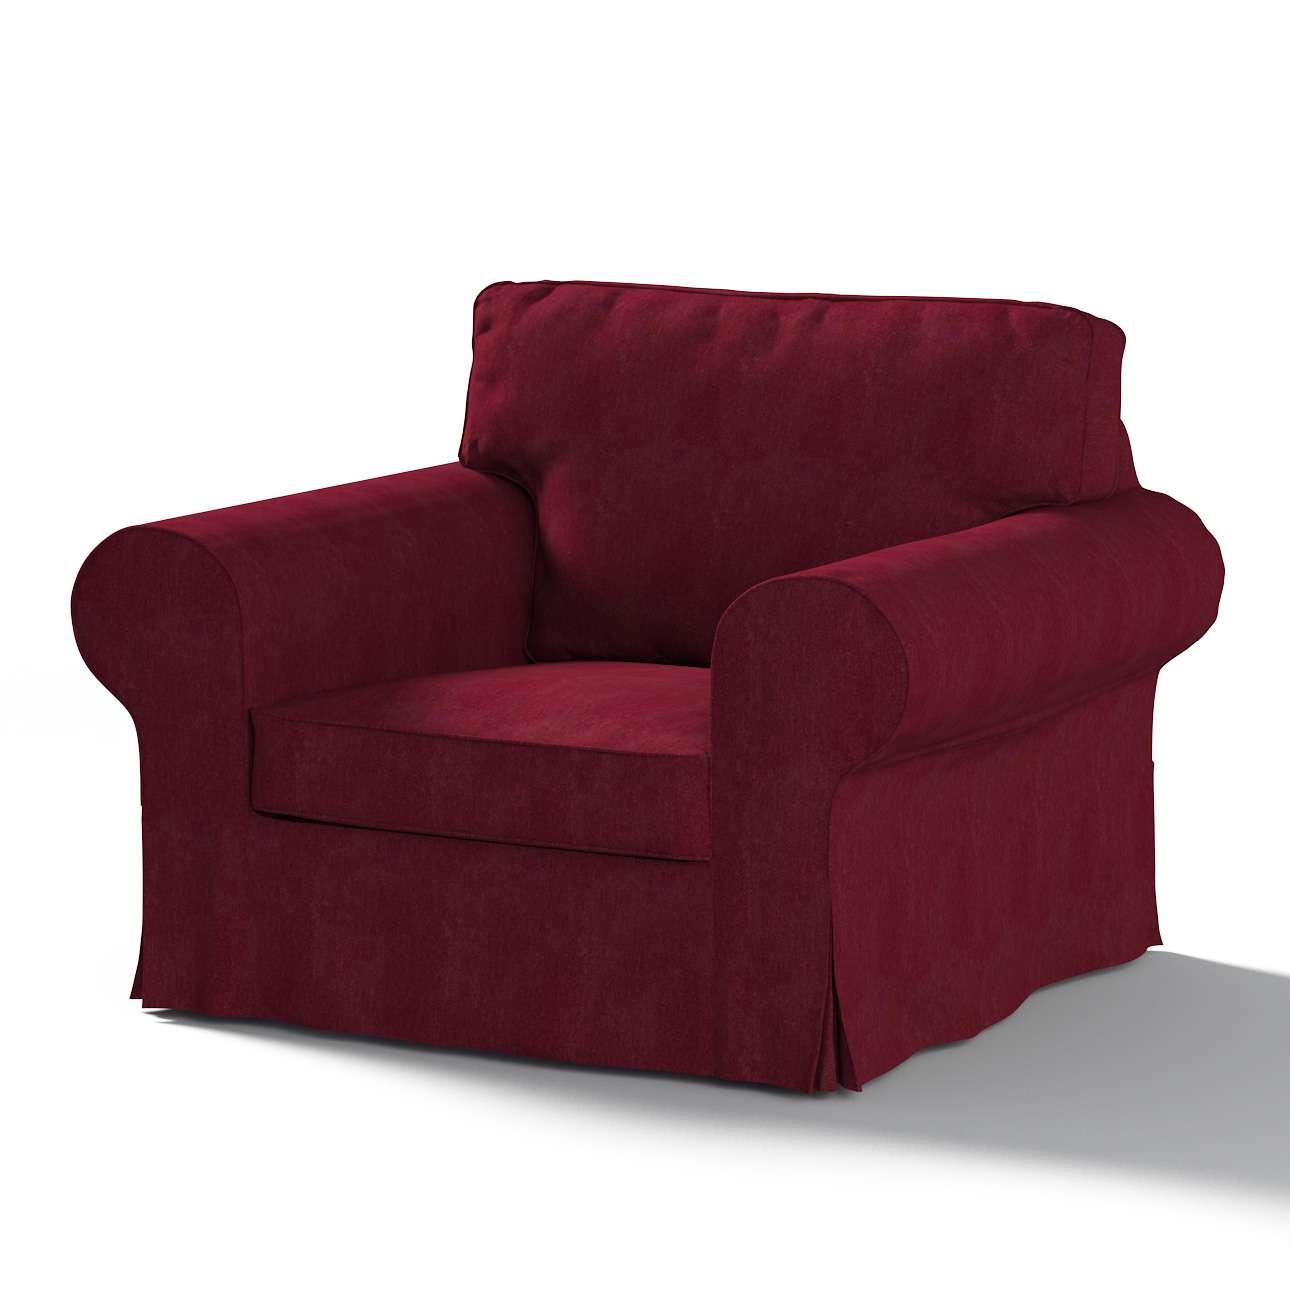 EKTORP fotelio užvalkalas Ektorp fotelio užvalkalas kolekcijoje Chenille, audinys: 702-19